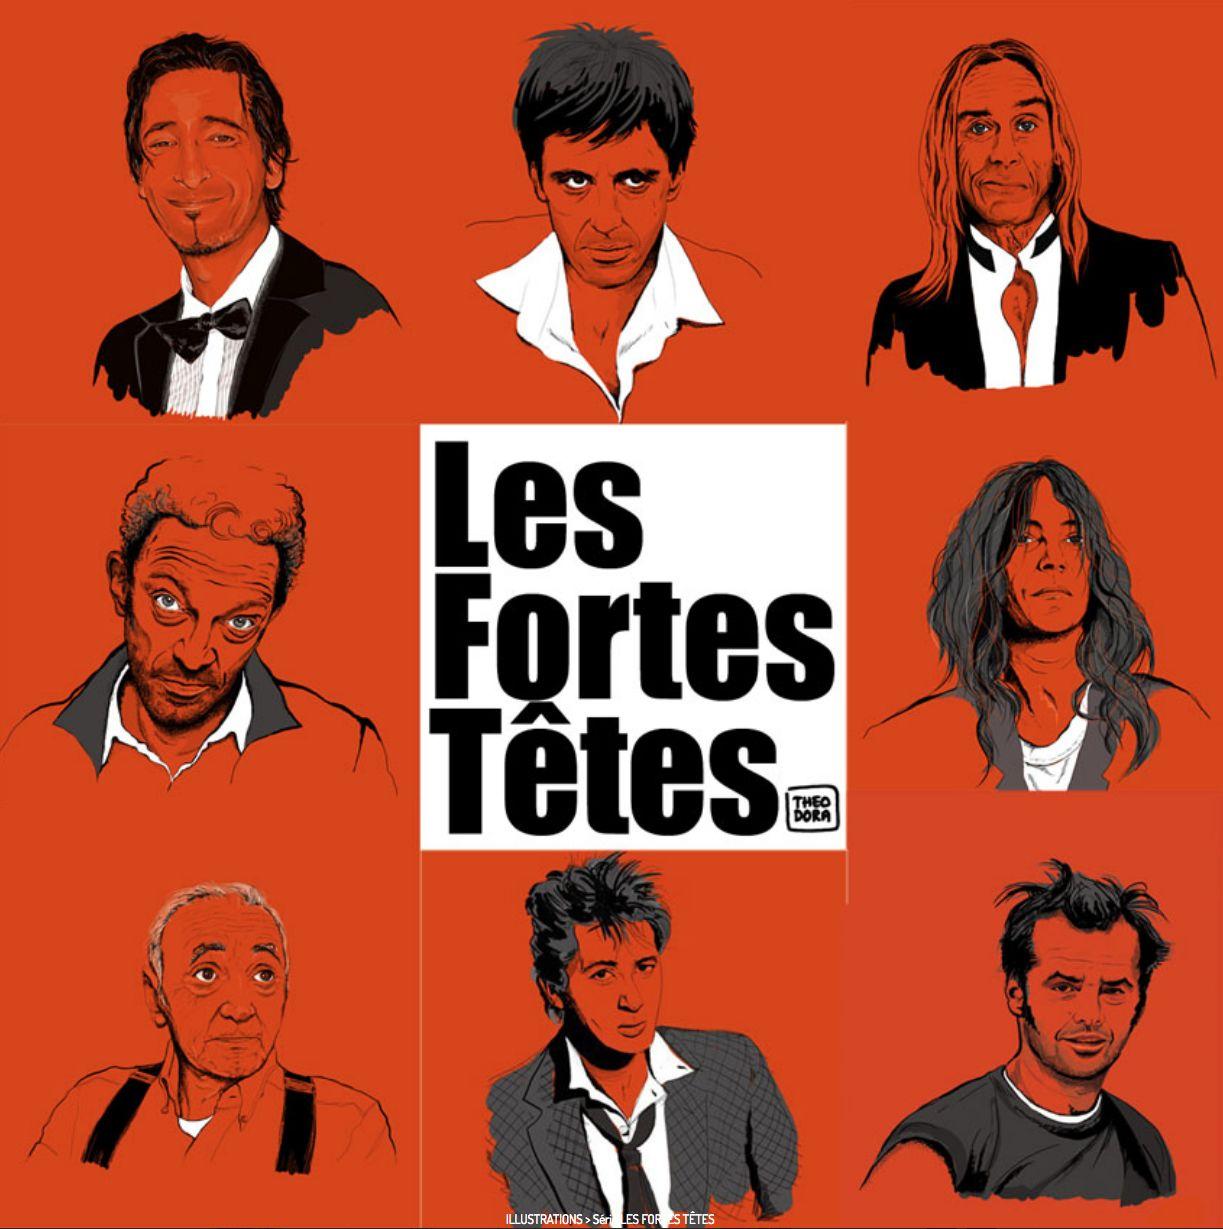 ILLUSTRATIONS > Les Fortes Têtes